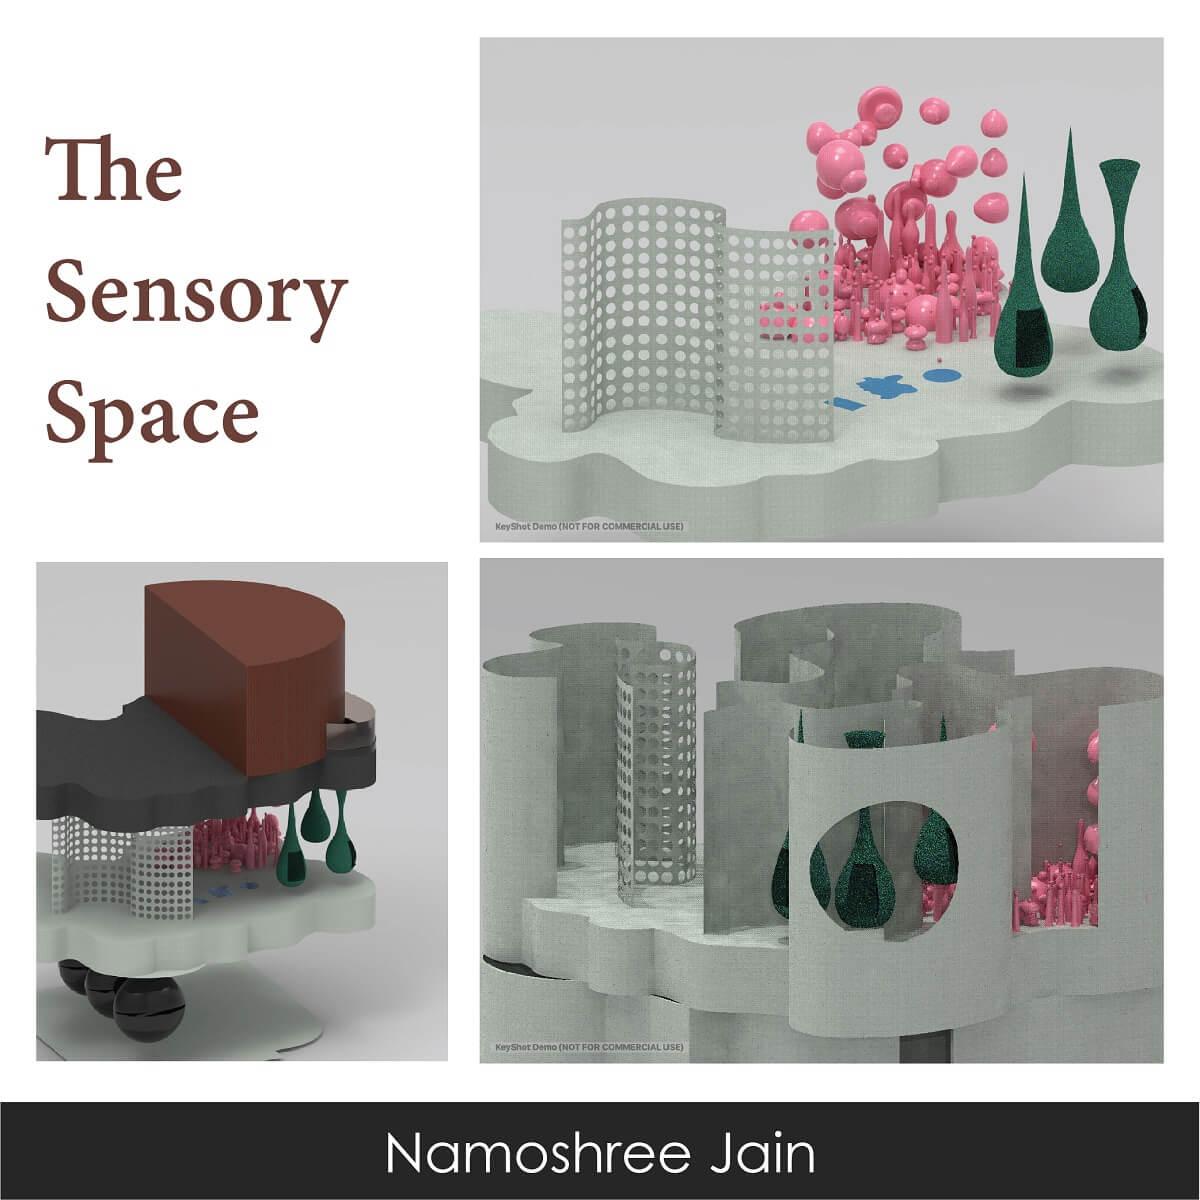 Student Work - Namoshree Jain